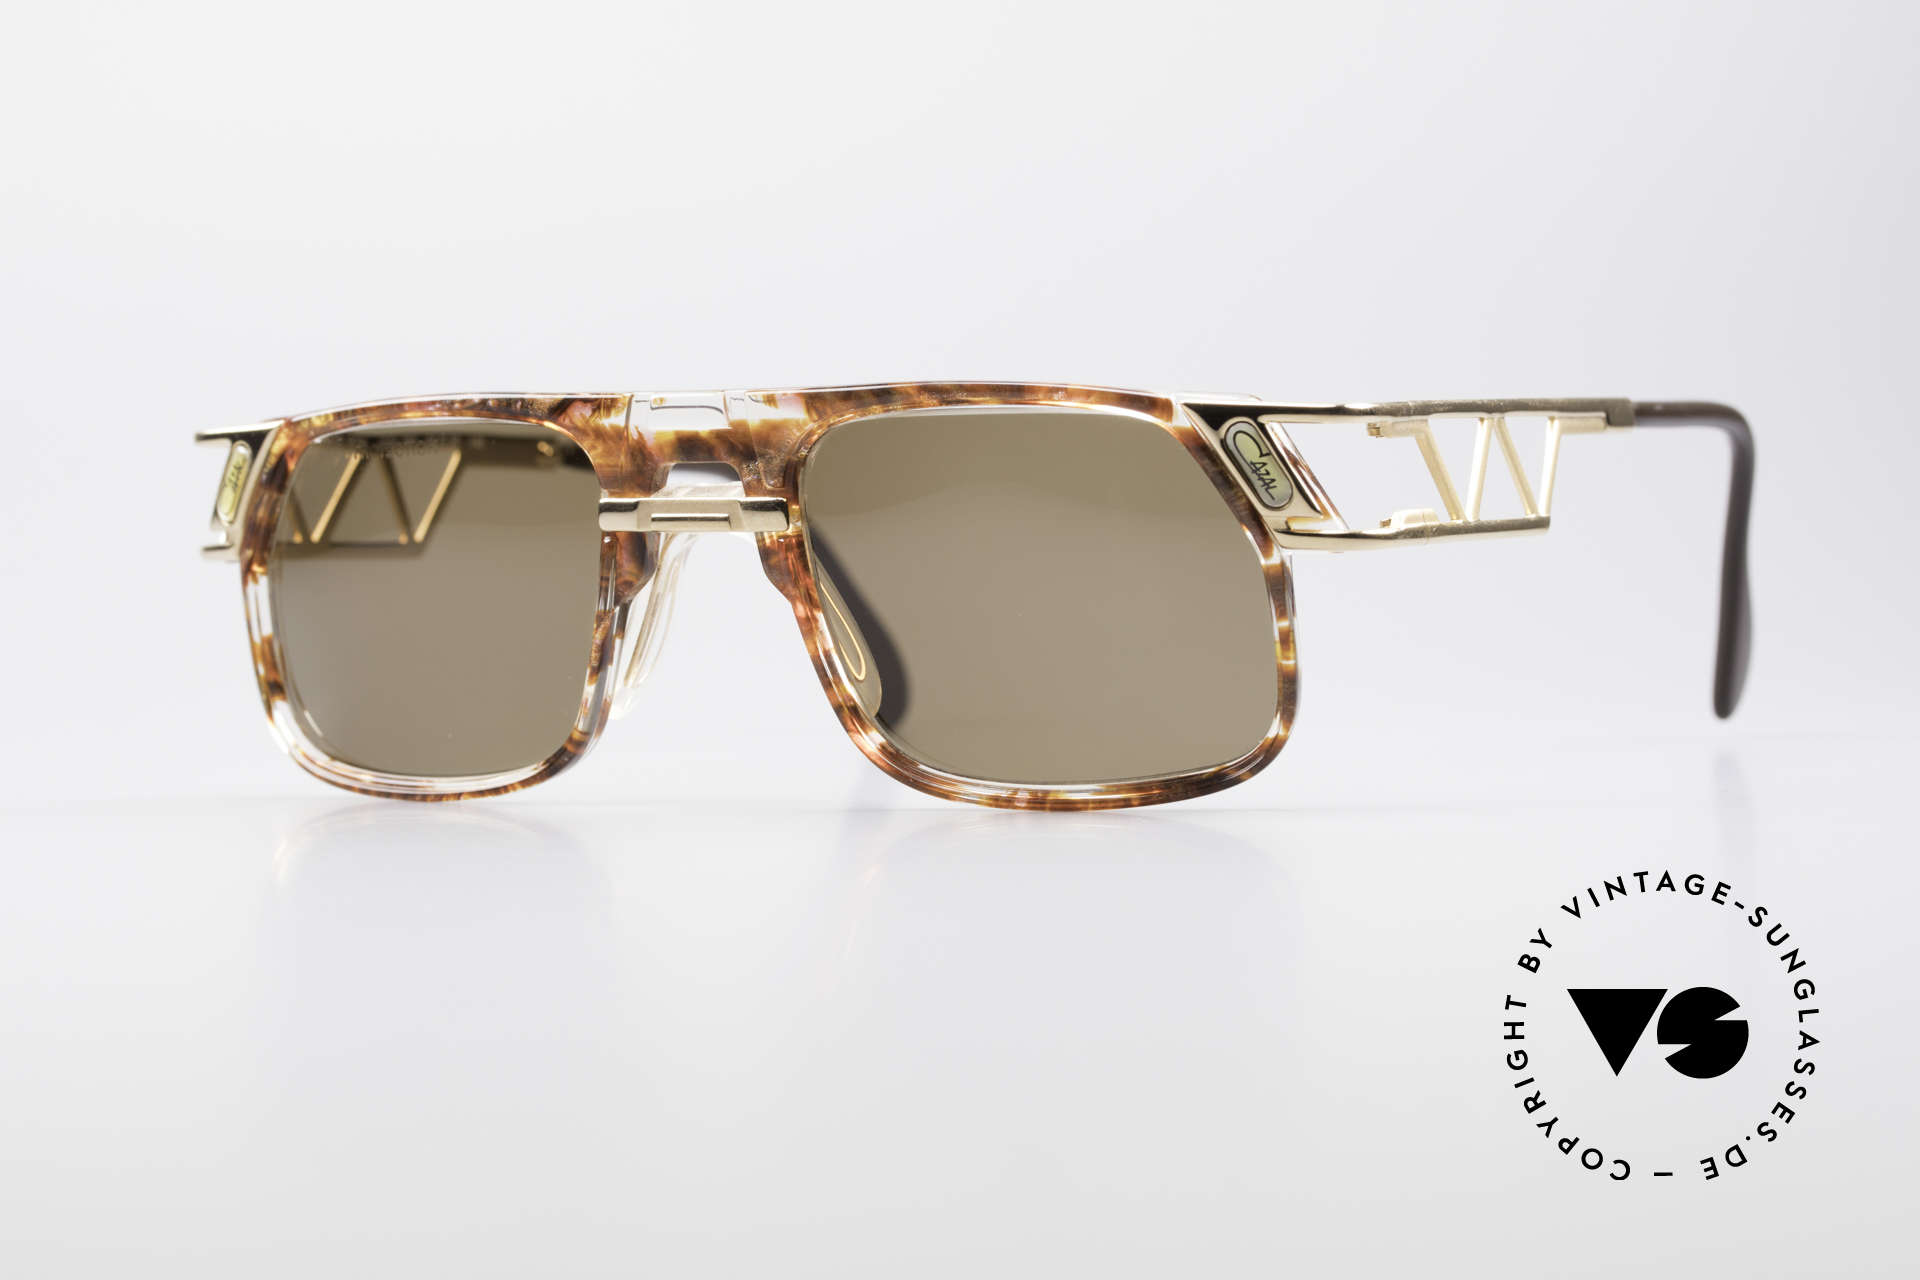 Cazal 876 Echt 90er No Retro Brille, flippige Cazal Designer-Sonnenbrille der frühen 1990er, Passend für Herren und Damen